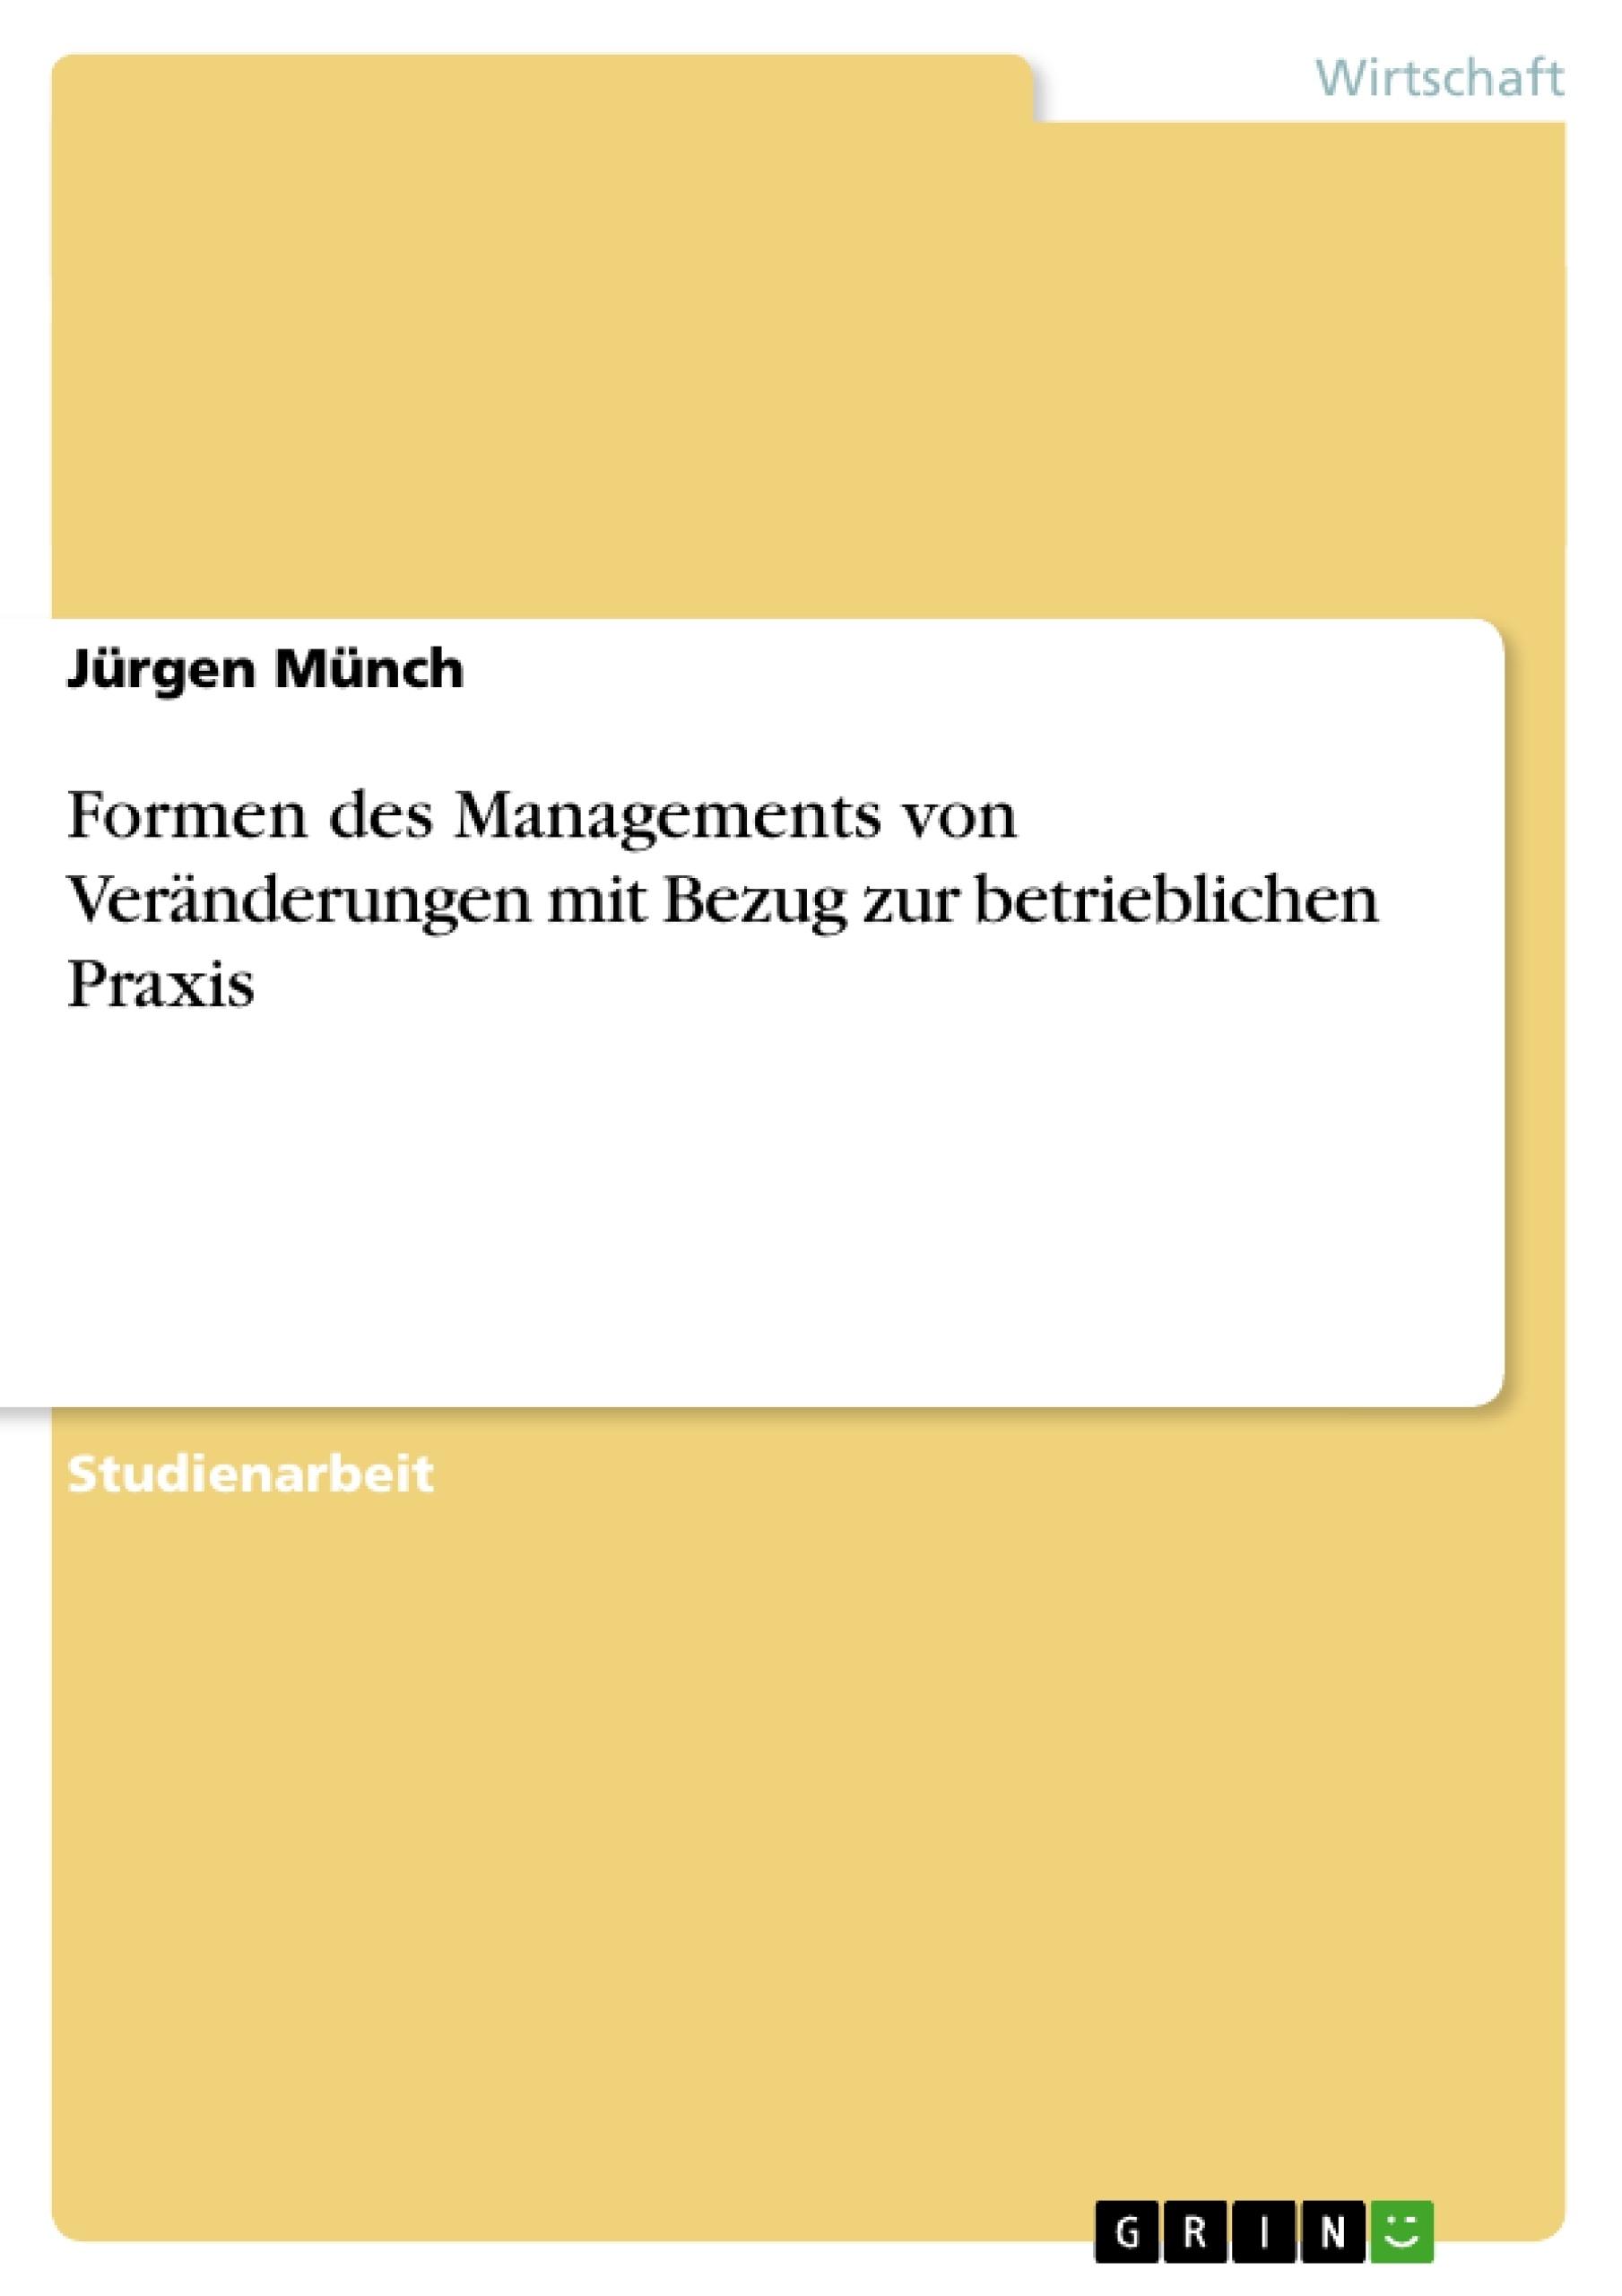 Titel: Formen des Managements von Veränderungen mit Bezug zur betrieblichen Praxis